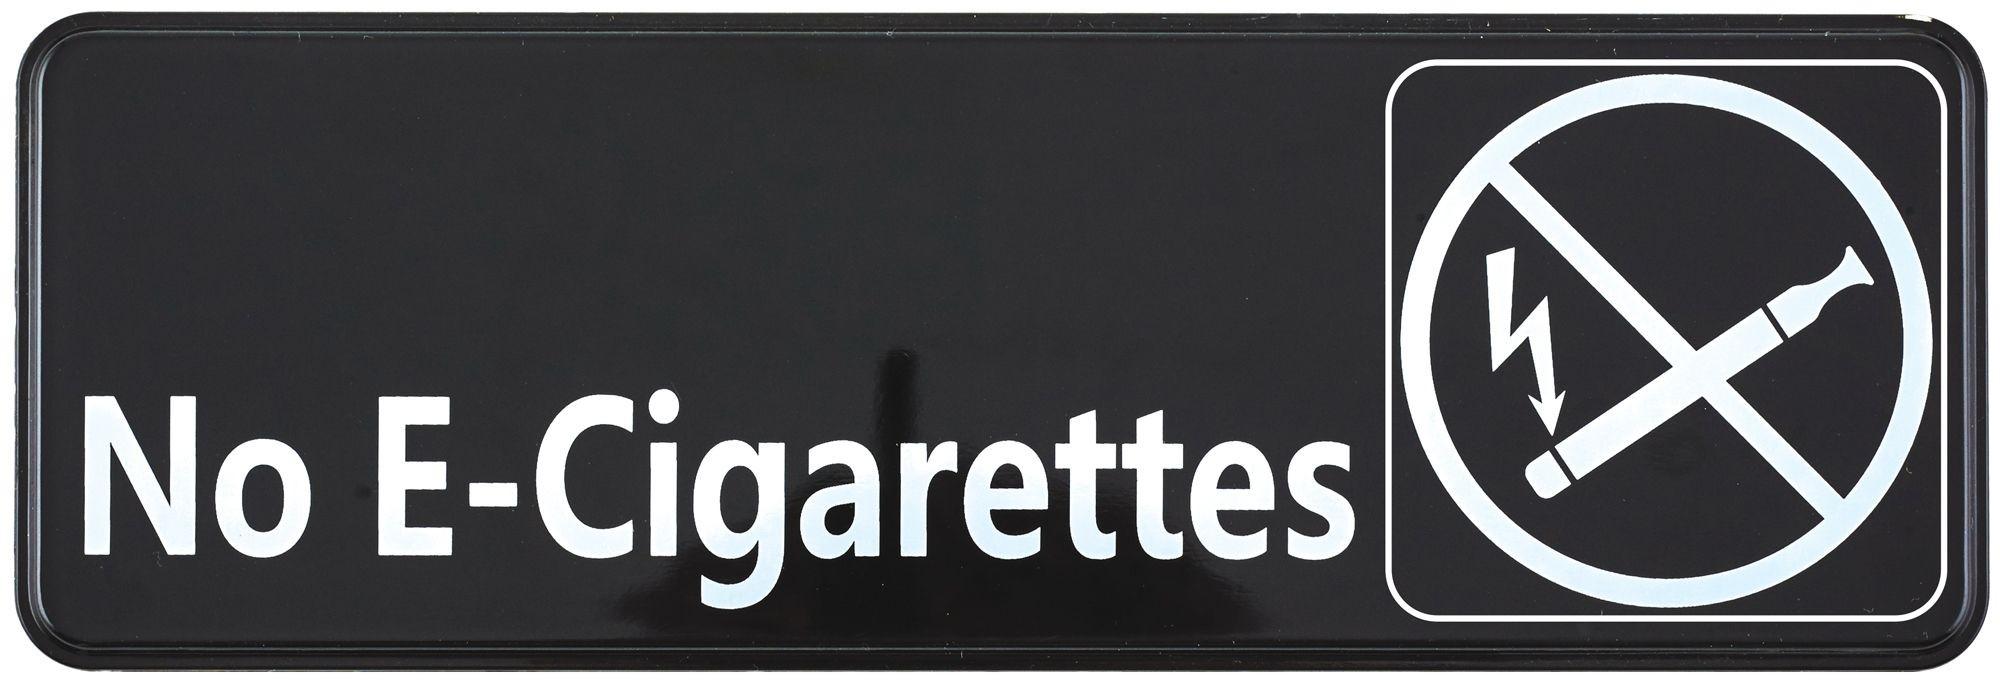 """Winco SGN-335 Black """"No E-Cigarettes"""" Information Sign, 3"""" x 9"""""""